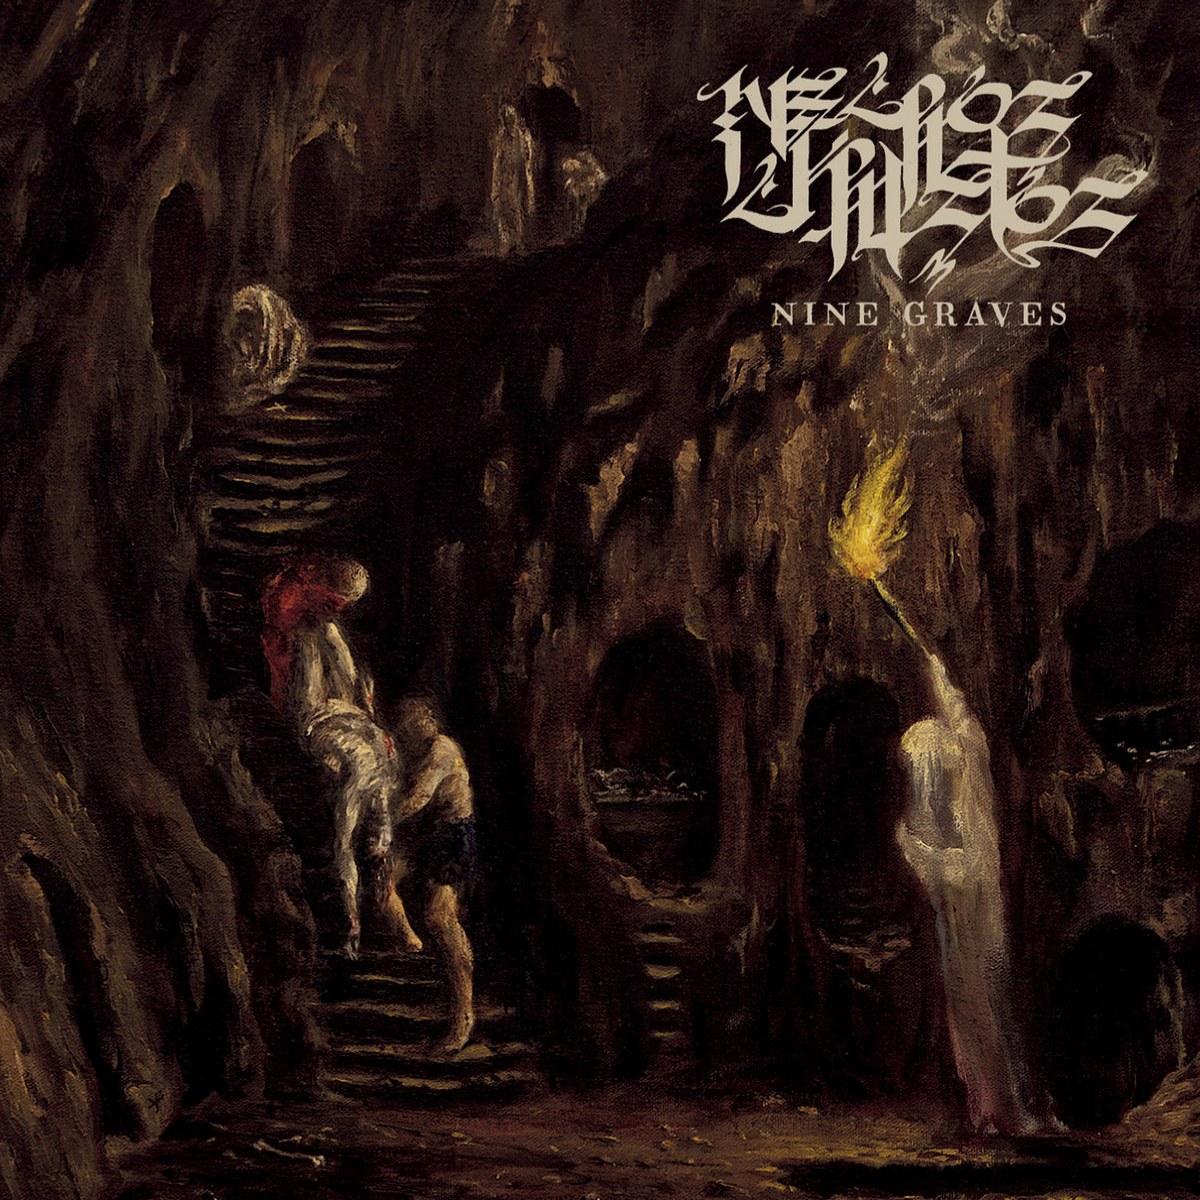 Reviews for Necros Christos - Nine Graves